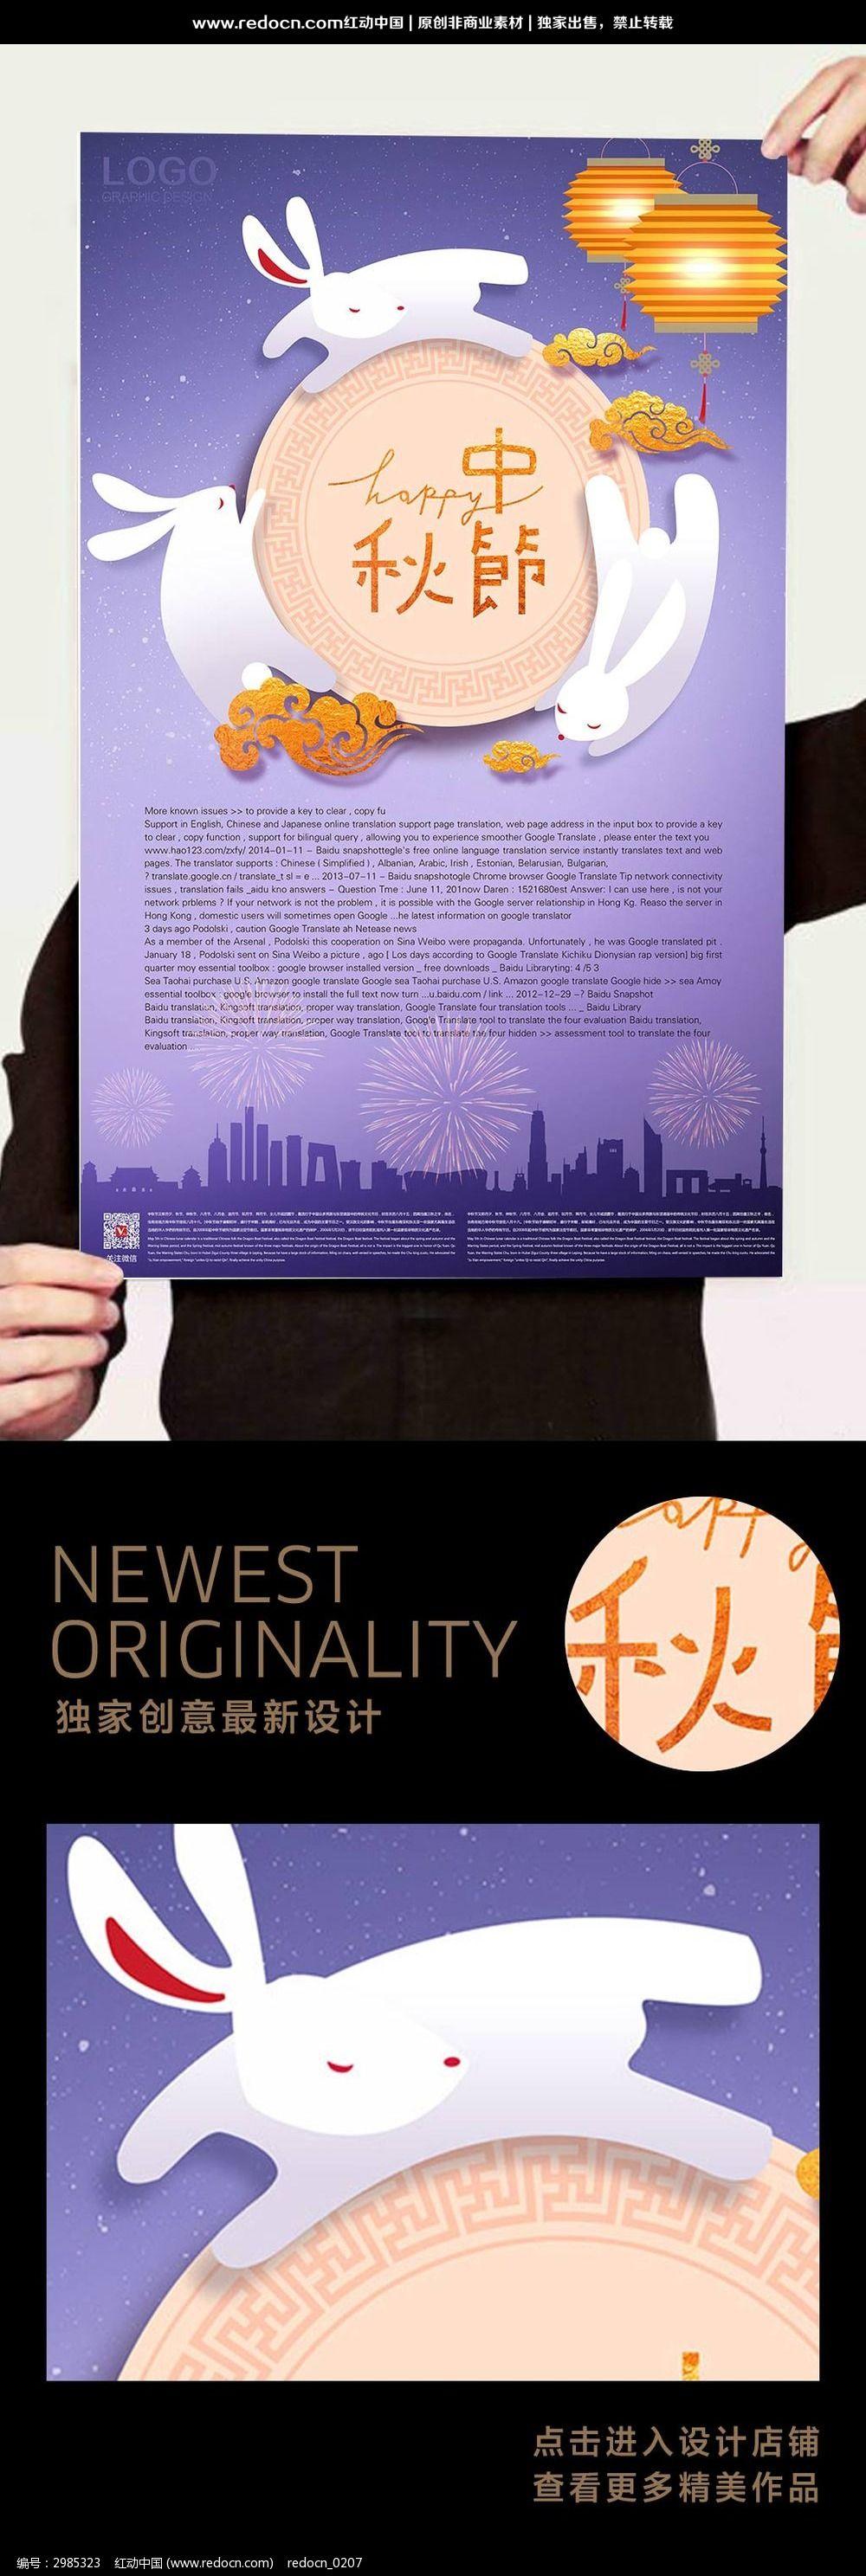 圆月中秋节创意海报图片